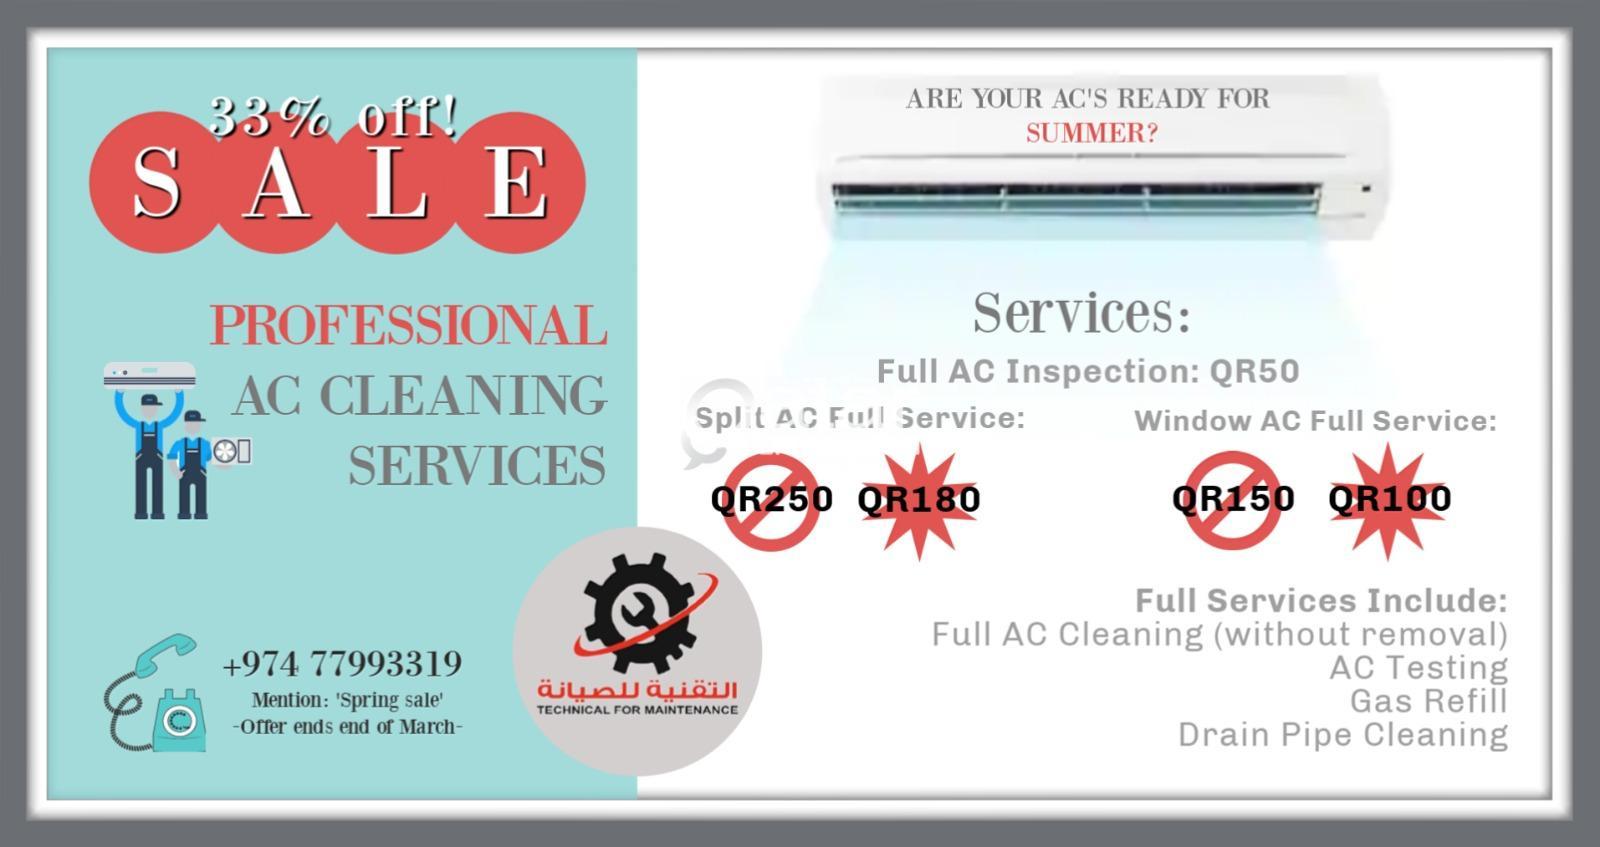 AC Servicing Spring Offer